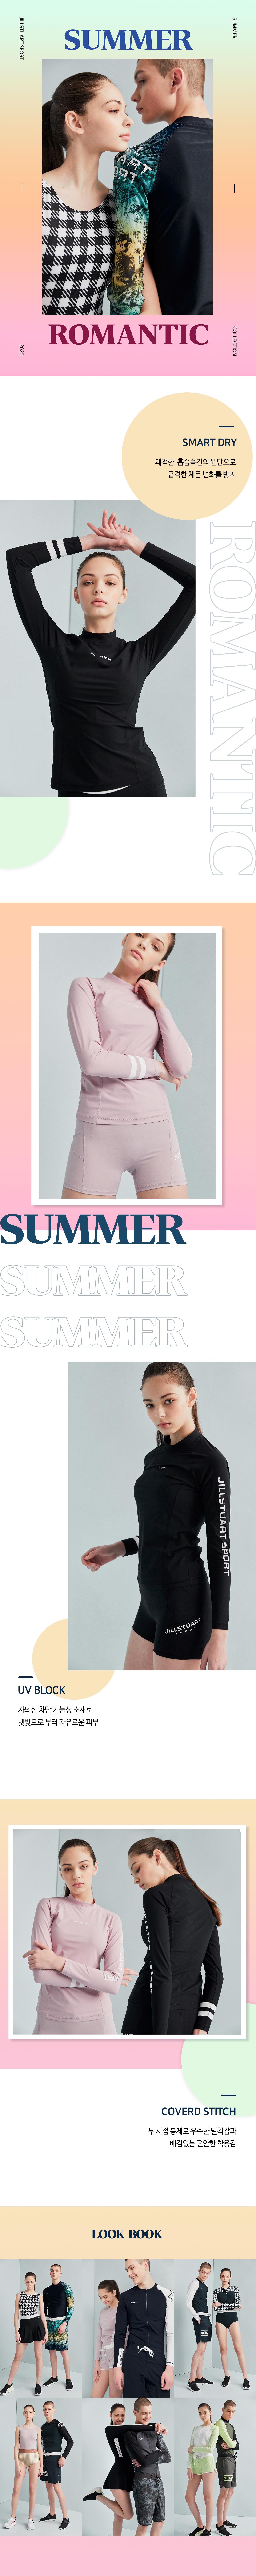 질스튜어트 스포츠 뉴욕(JILLSTUART SPORT NEWYORK) [20 Long Beach Rashguard W] 핑크 로고프린트 여자 래쉬가드